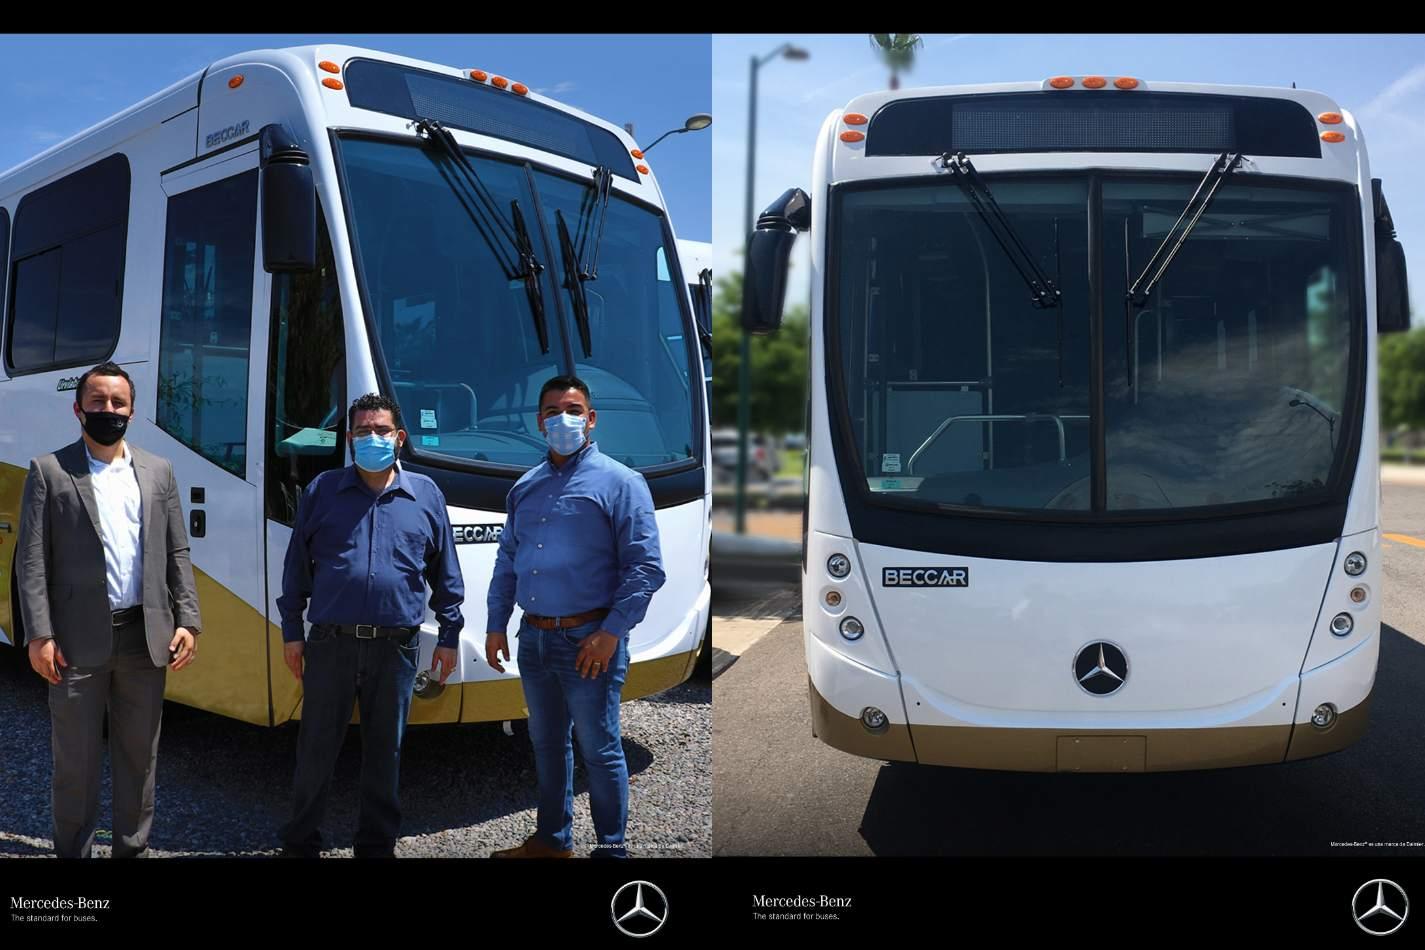 Mercedes-Benz Autobuses Beccar Universidad Sonora